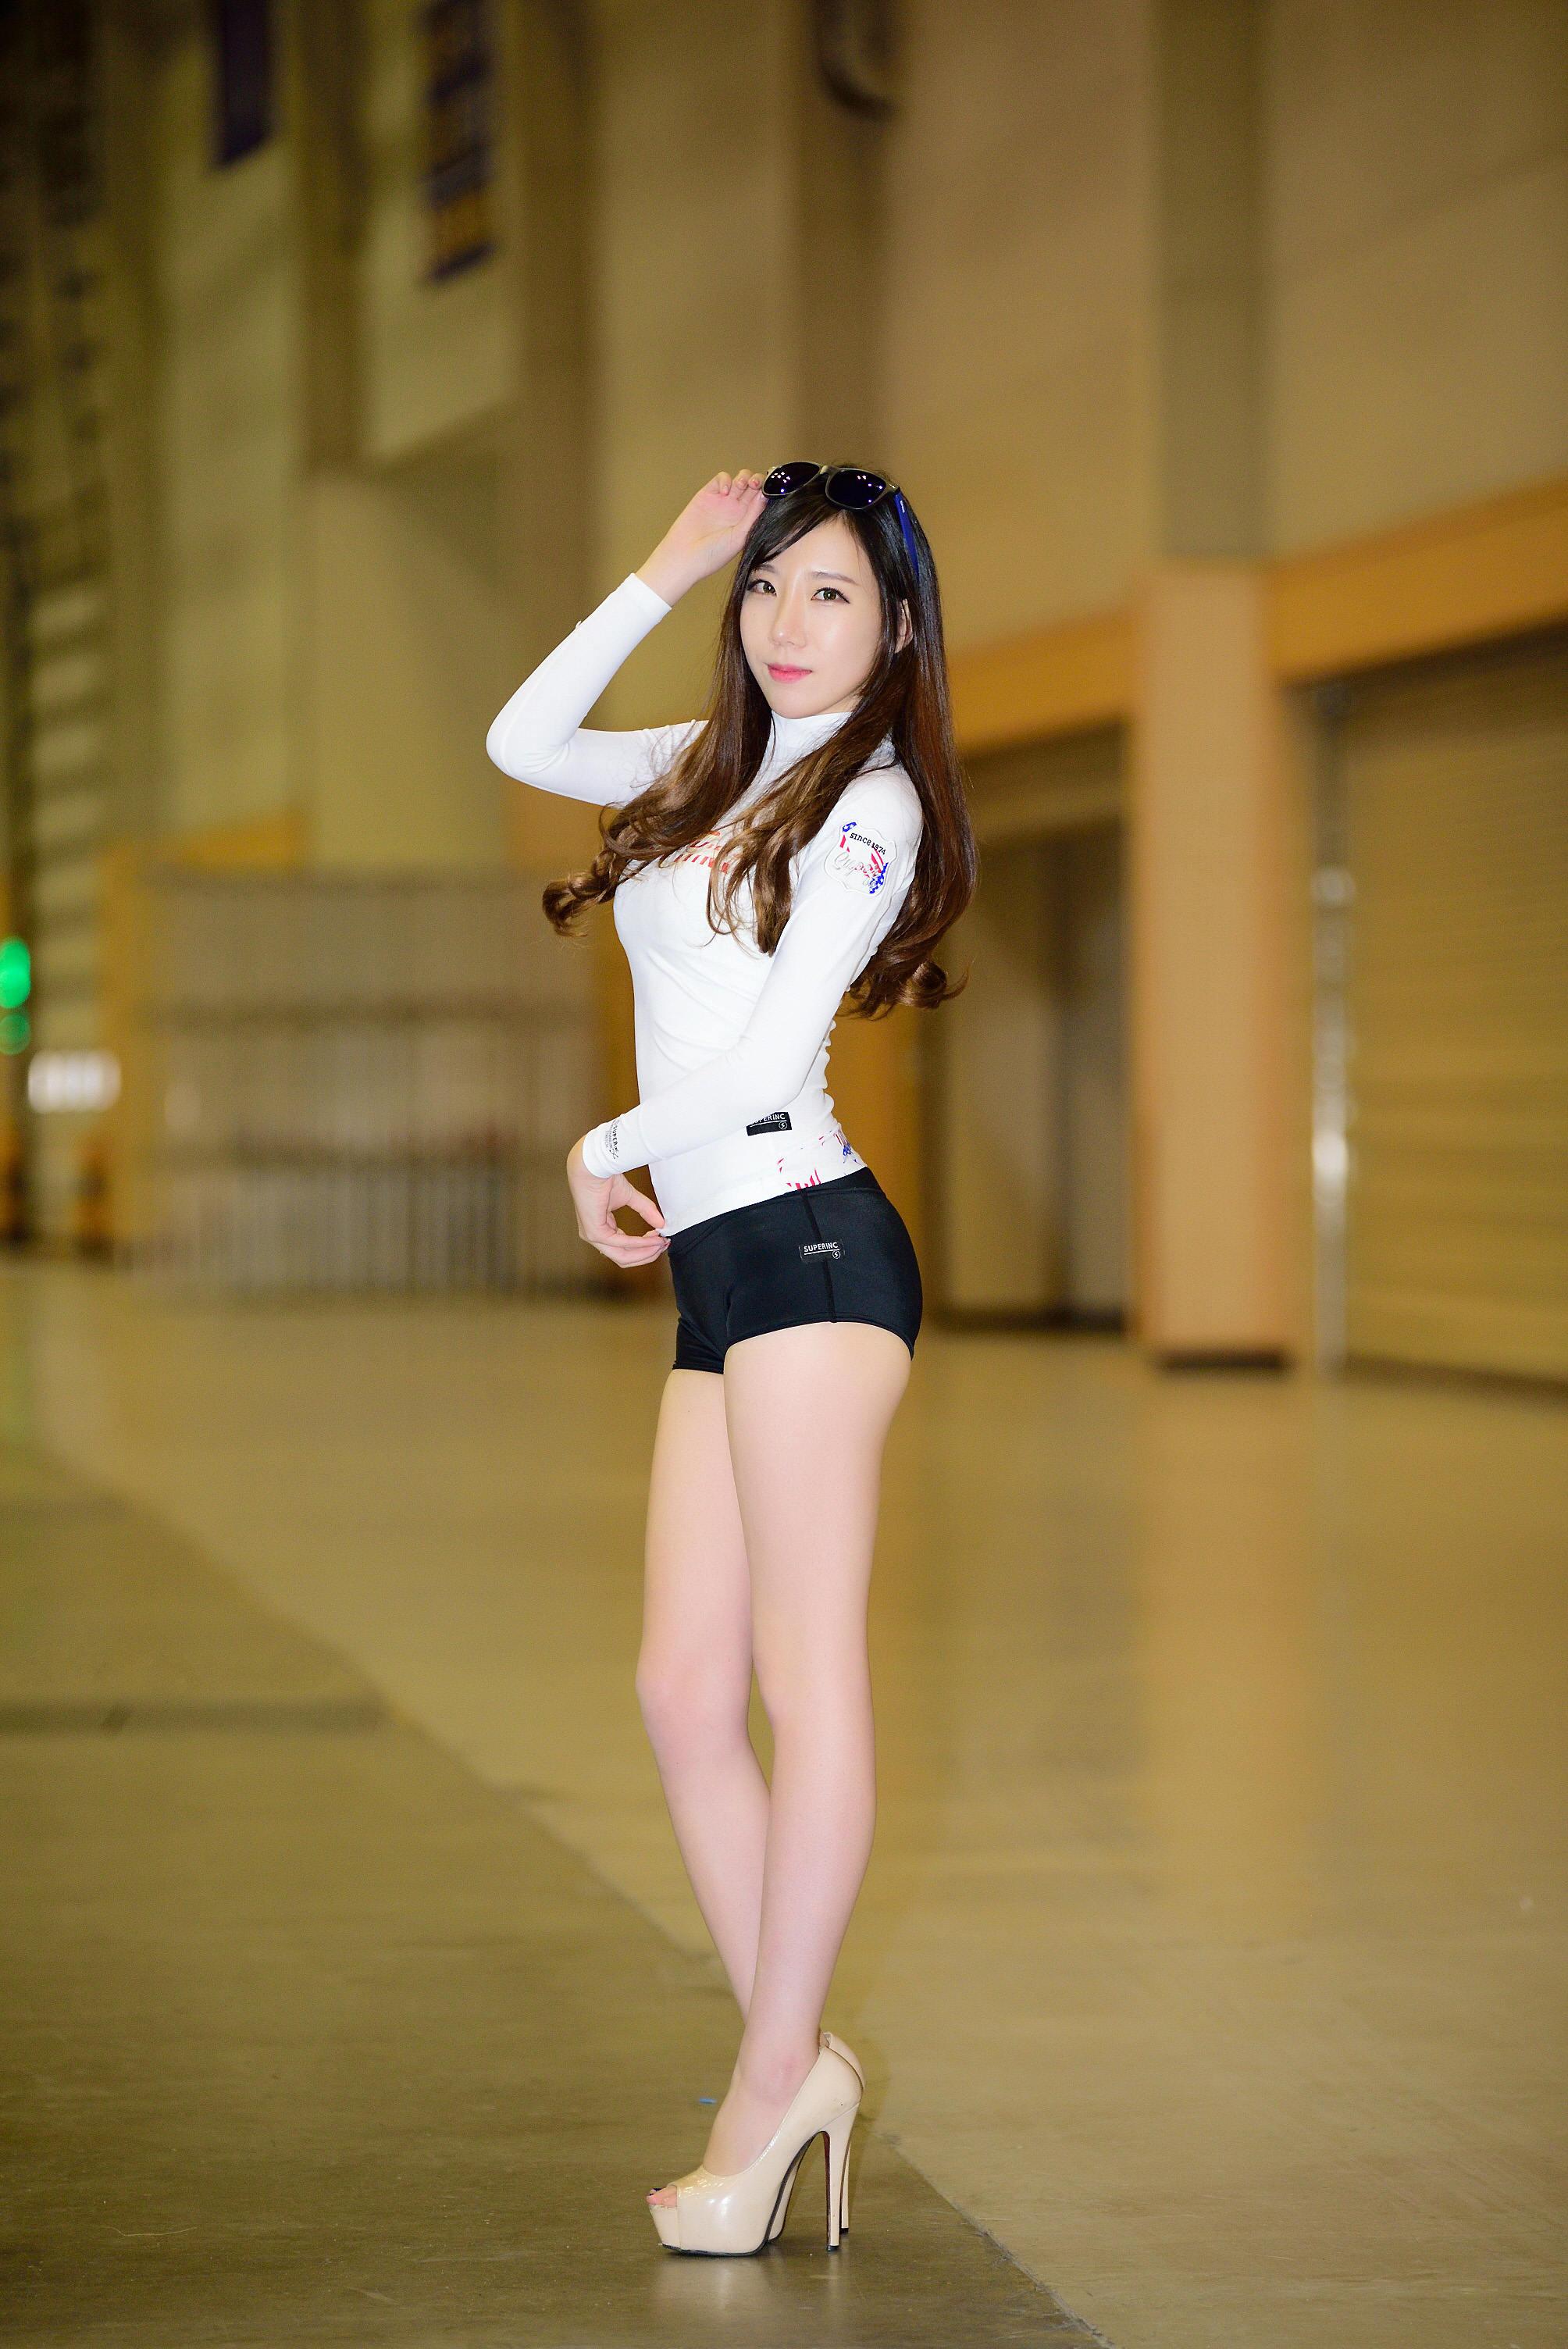 长腿模特 孝媛 - 花開有聲 - 花開有聲